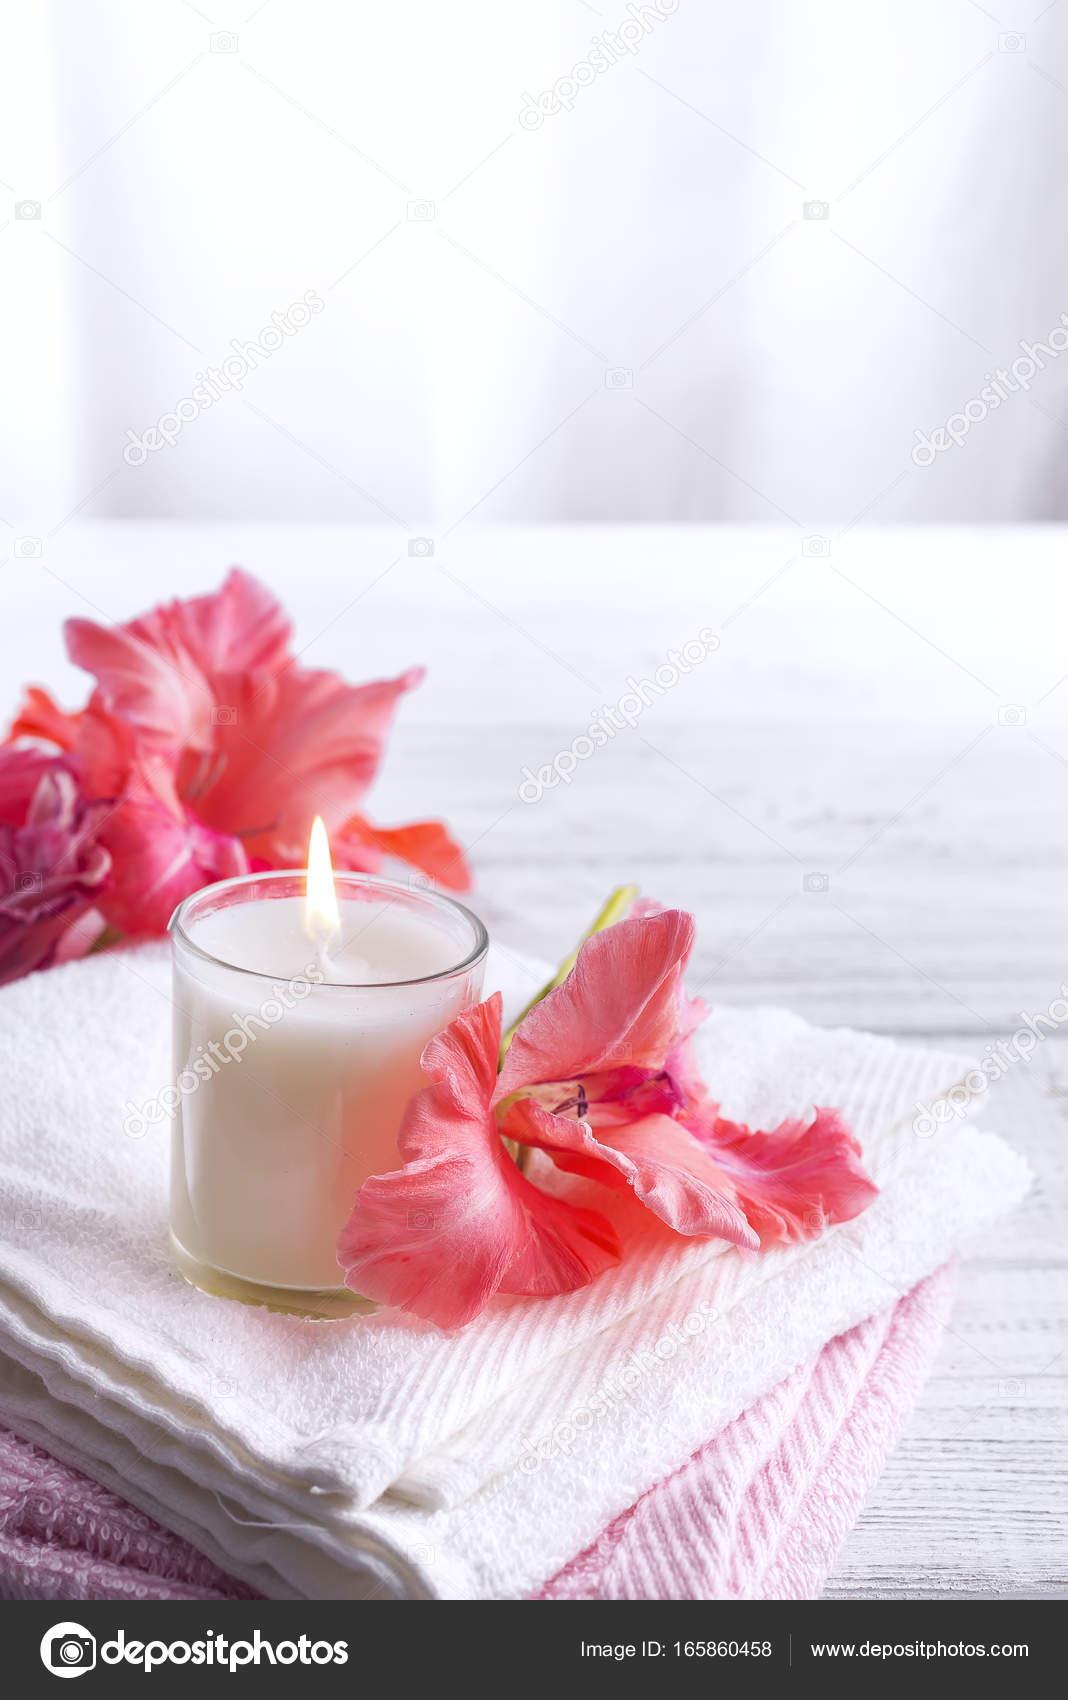 Spa wellness blumen  Wellness Blumen und Kerzen — Stockfoto © lyulka.86 #165860458